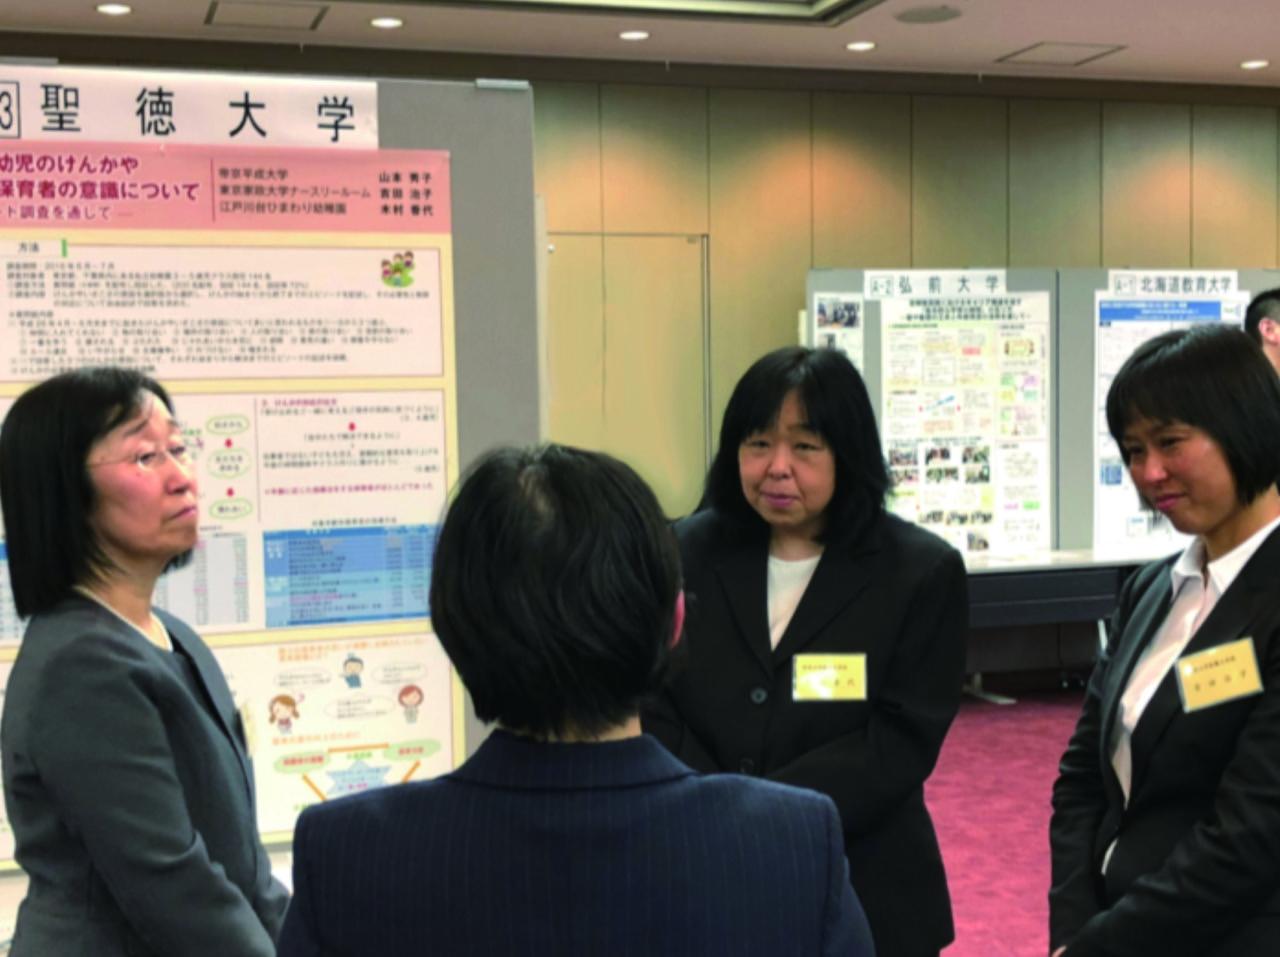 日本教職大学院協会研究大会に本学修了生・在学生が参加